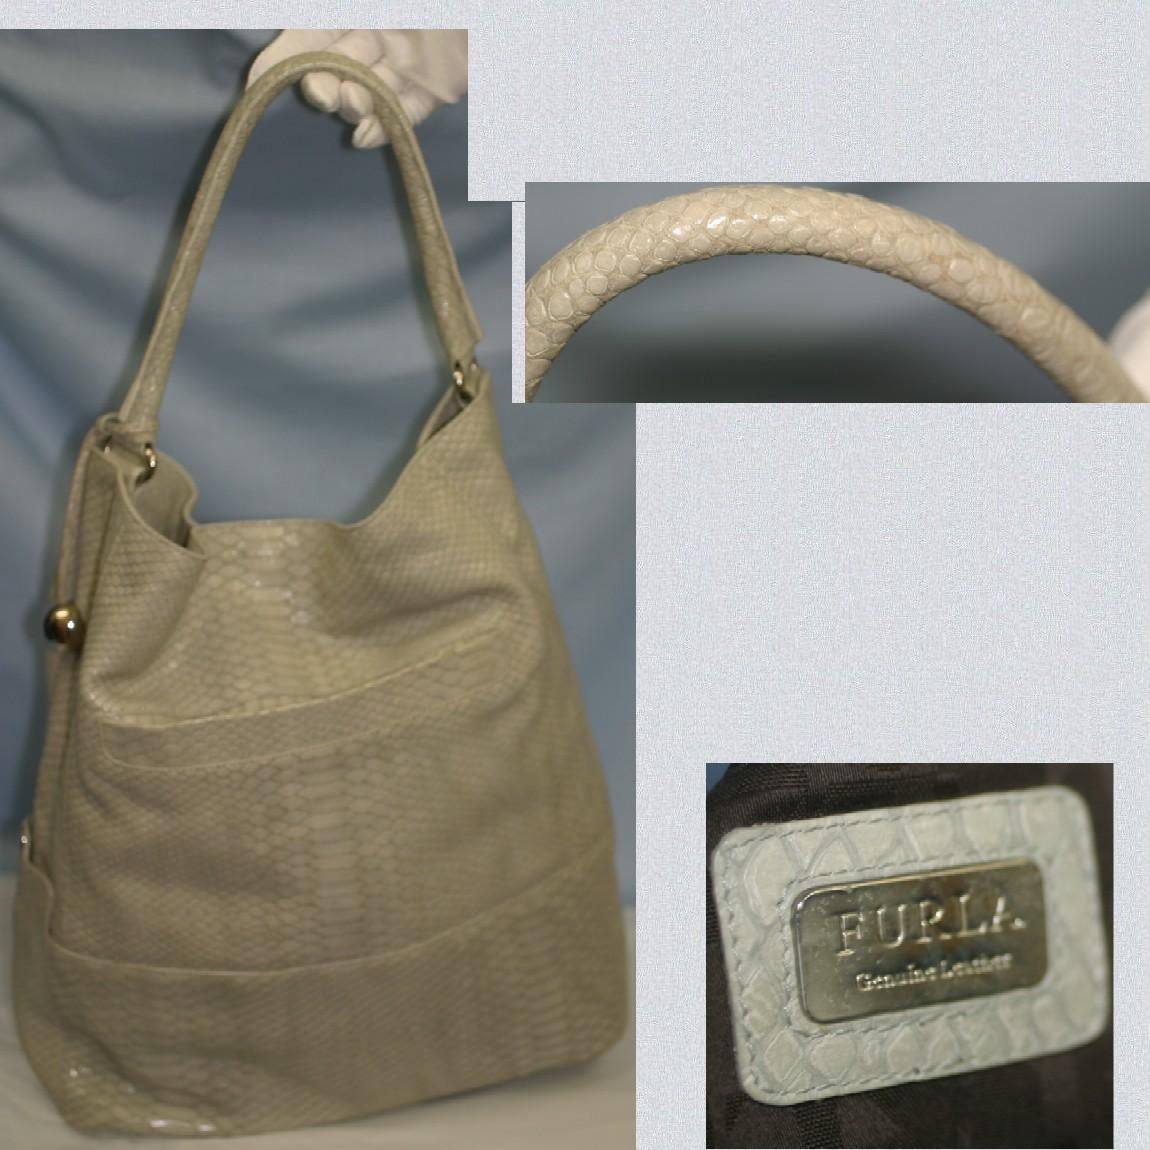 【中古】本物フルラ女性用蛇革模様型押し33x35センチトートバッグ